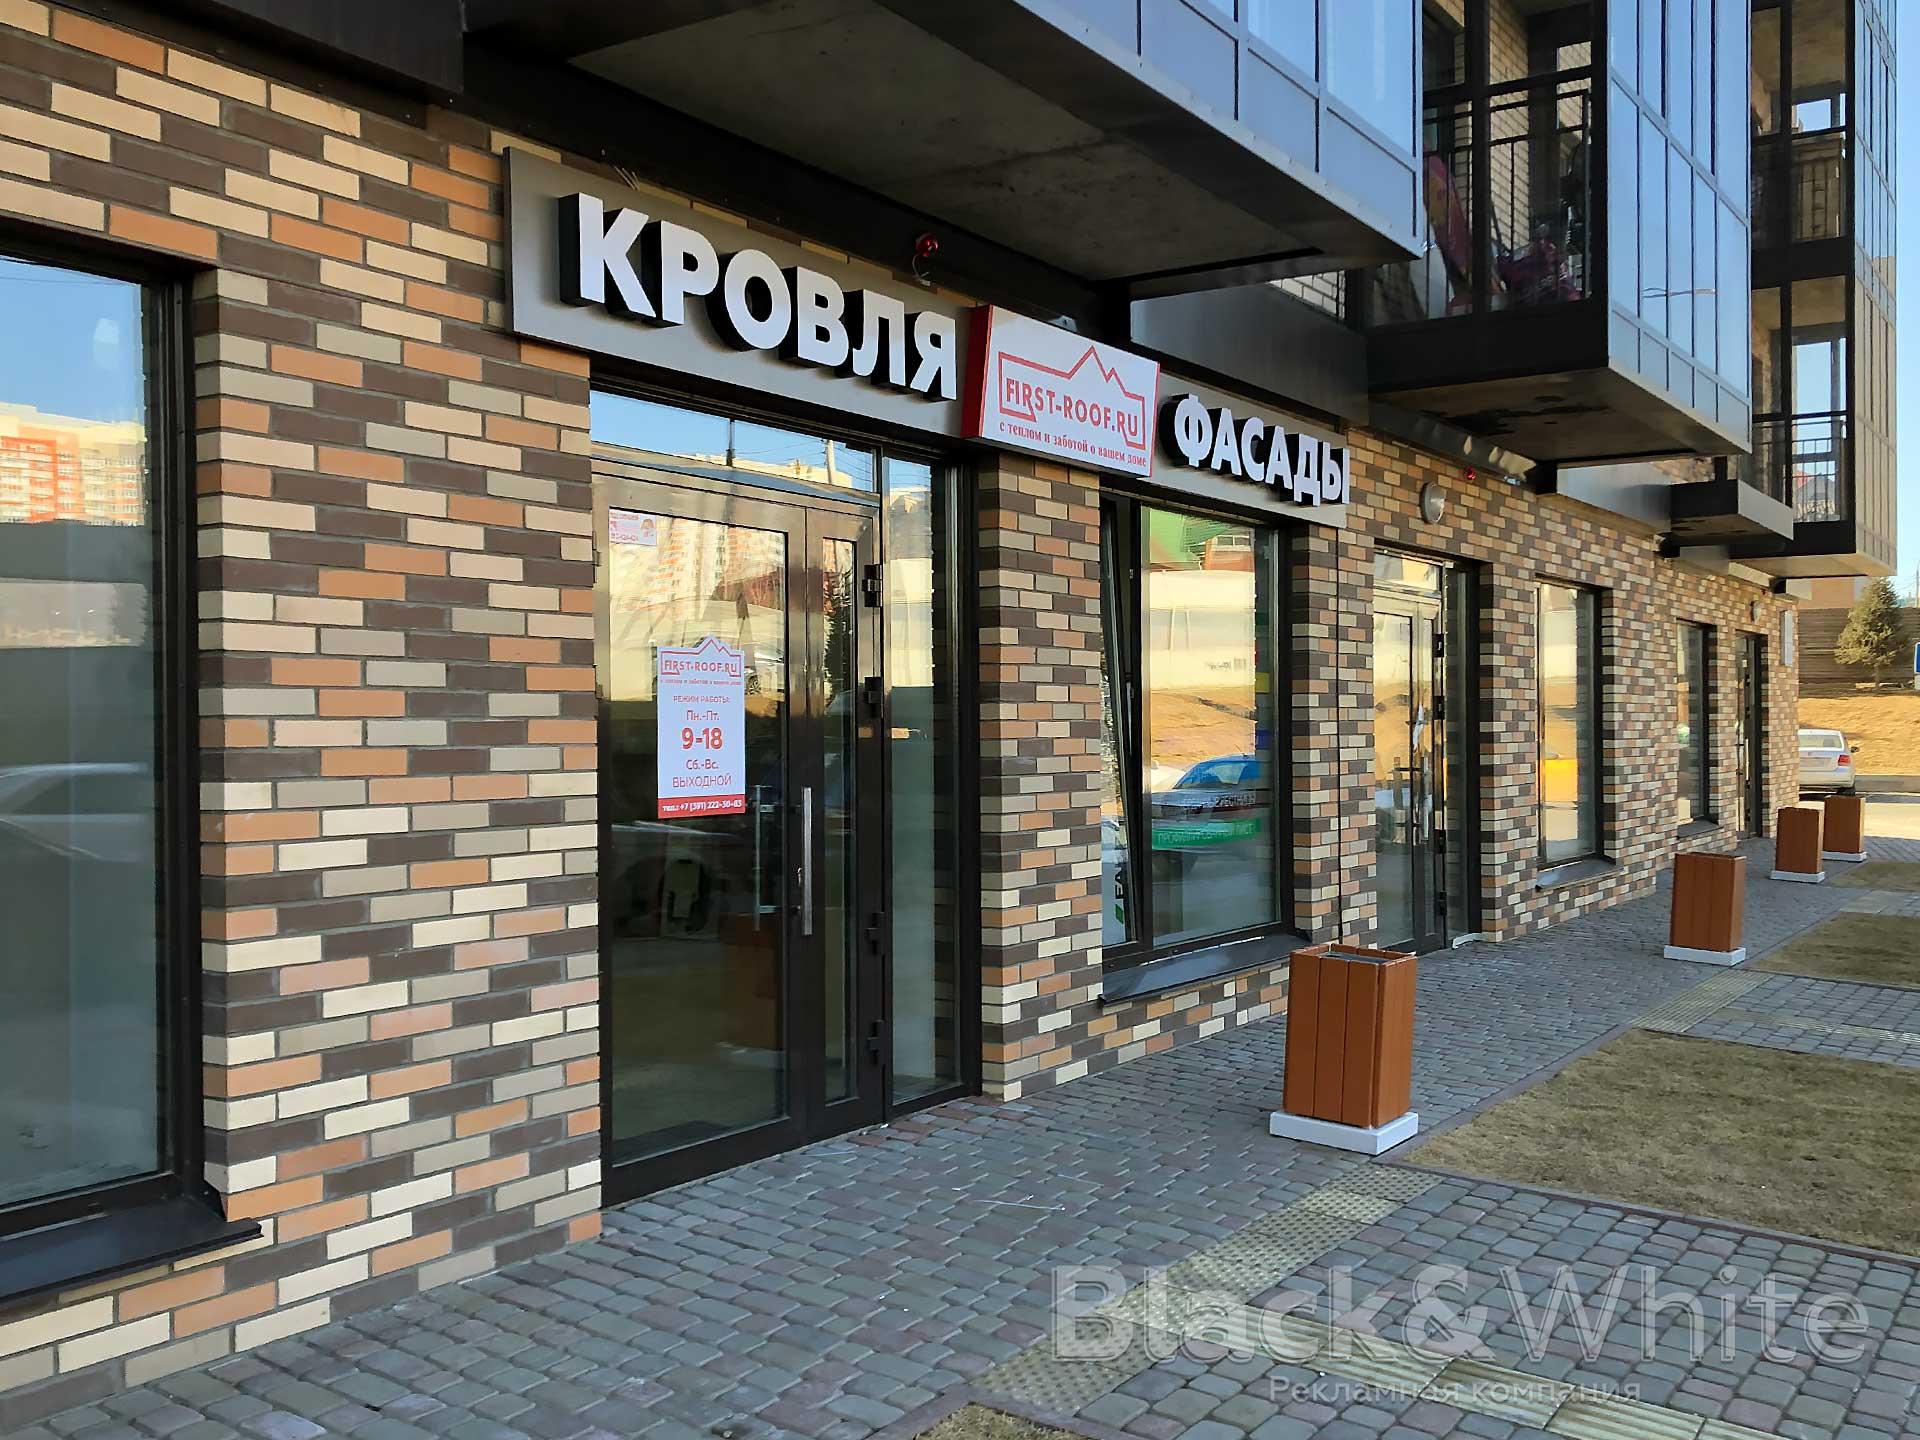 Изготовление-световой-вывески-с-объёмными-буквами-для-торговой-компании-в-Красноярске.jpg